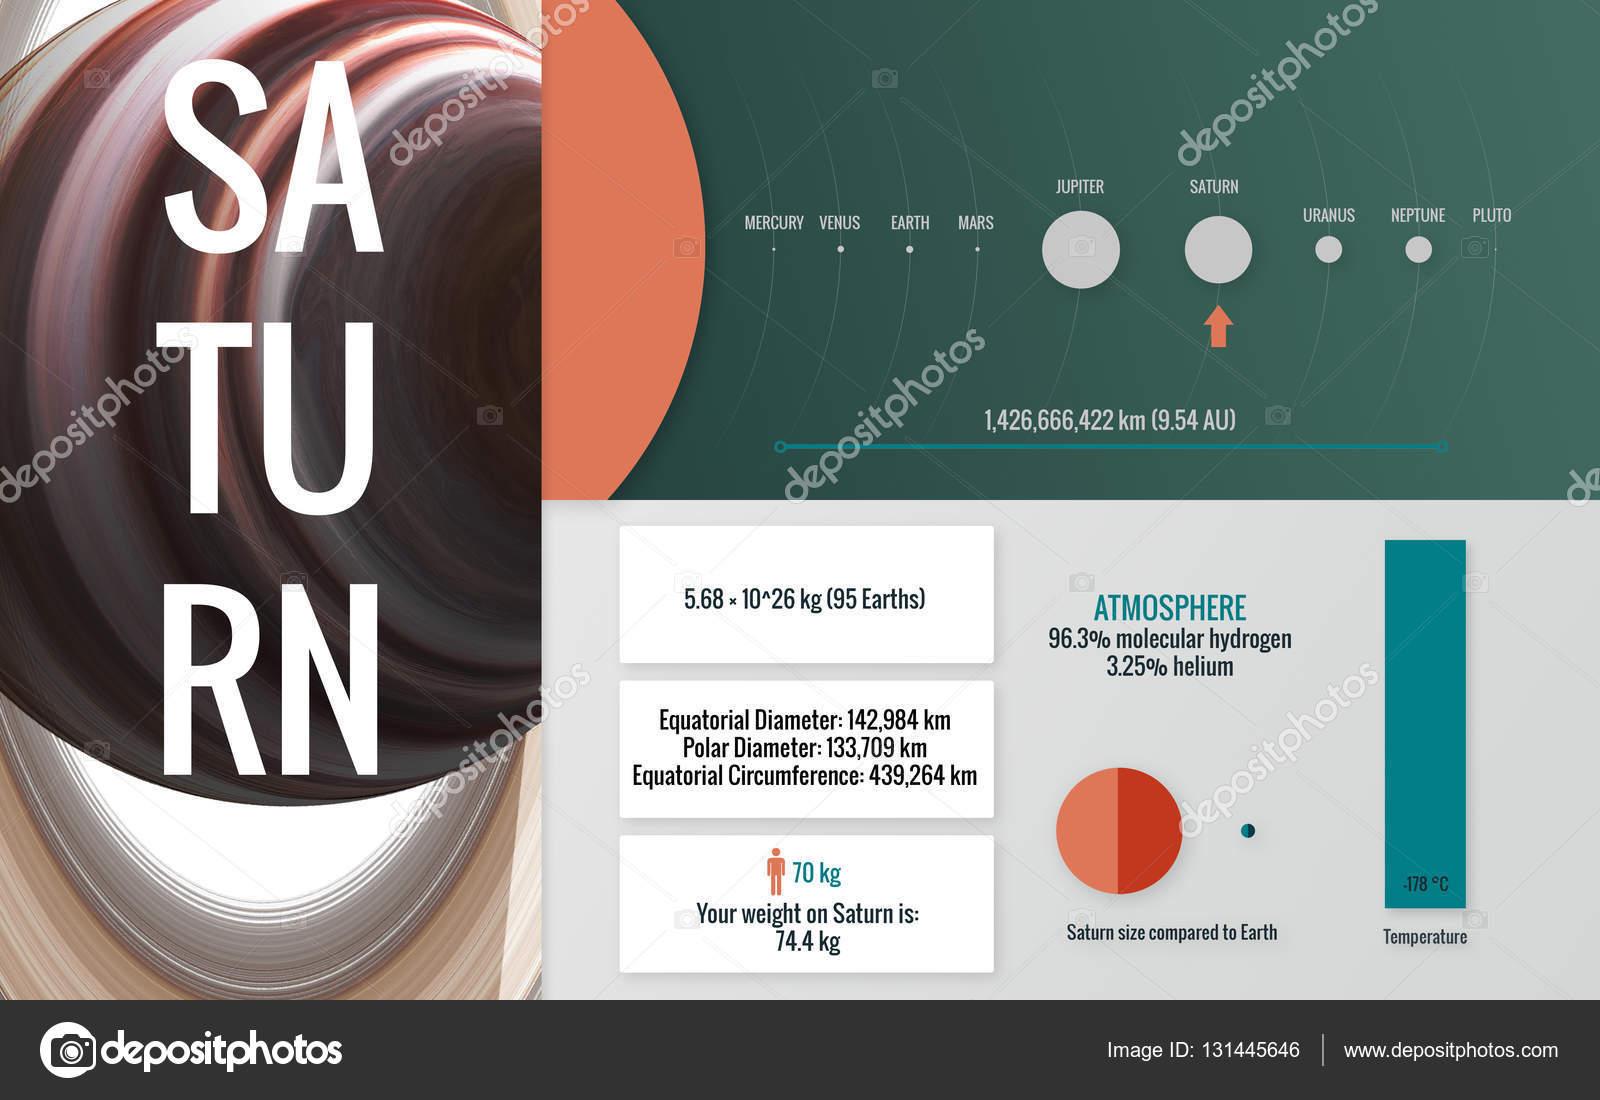 Saturno infogrfico imagem apresenta um do planeta do sistema saturno infogrfico imagem apresenta um do planeta do sistema solar olhar e fatos este elementos de imagem fornecida pela nasa foto de shadoff ccuart Gallery